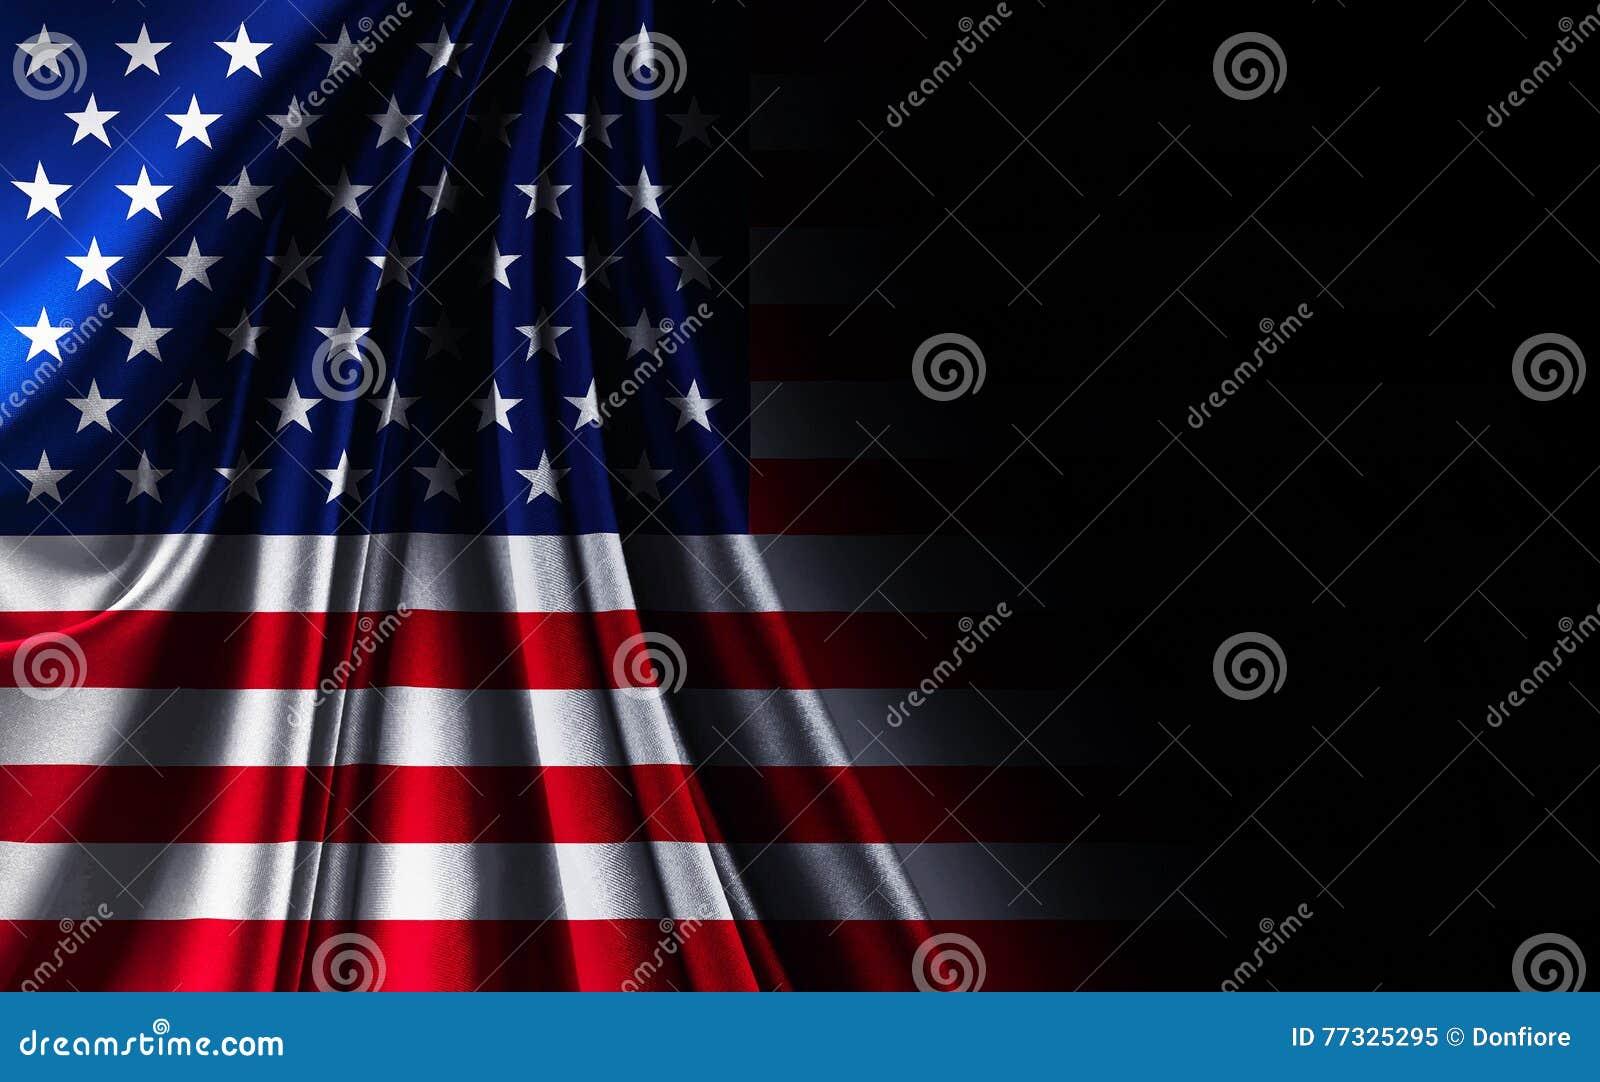 Флаг США американца текстуры ткани, на черной noir предпосылке